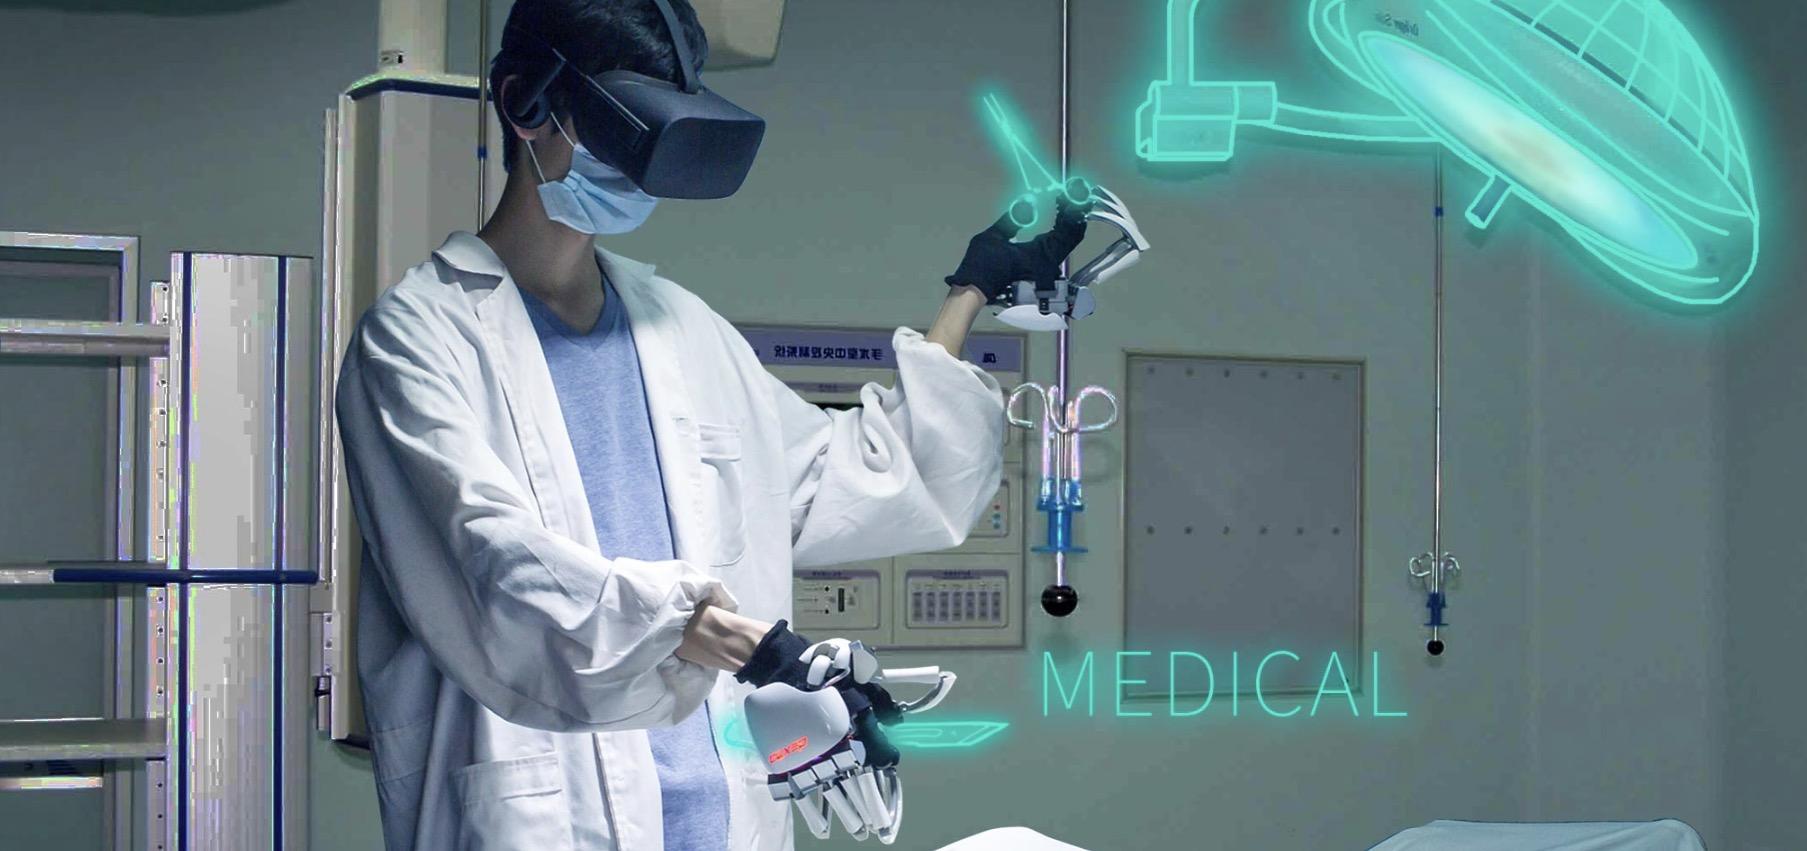 Medische VR toepassingen